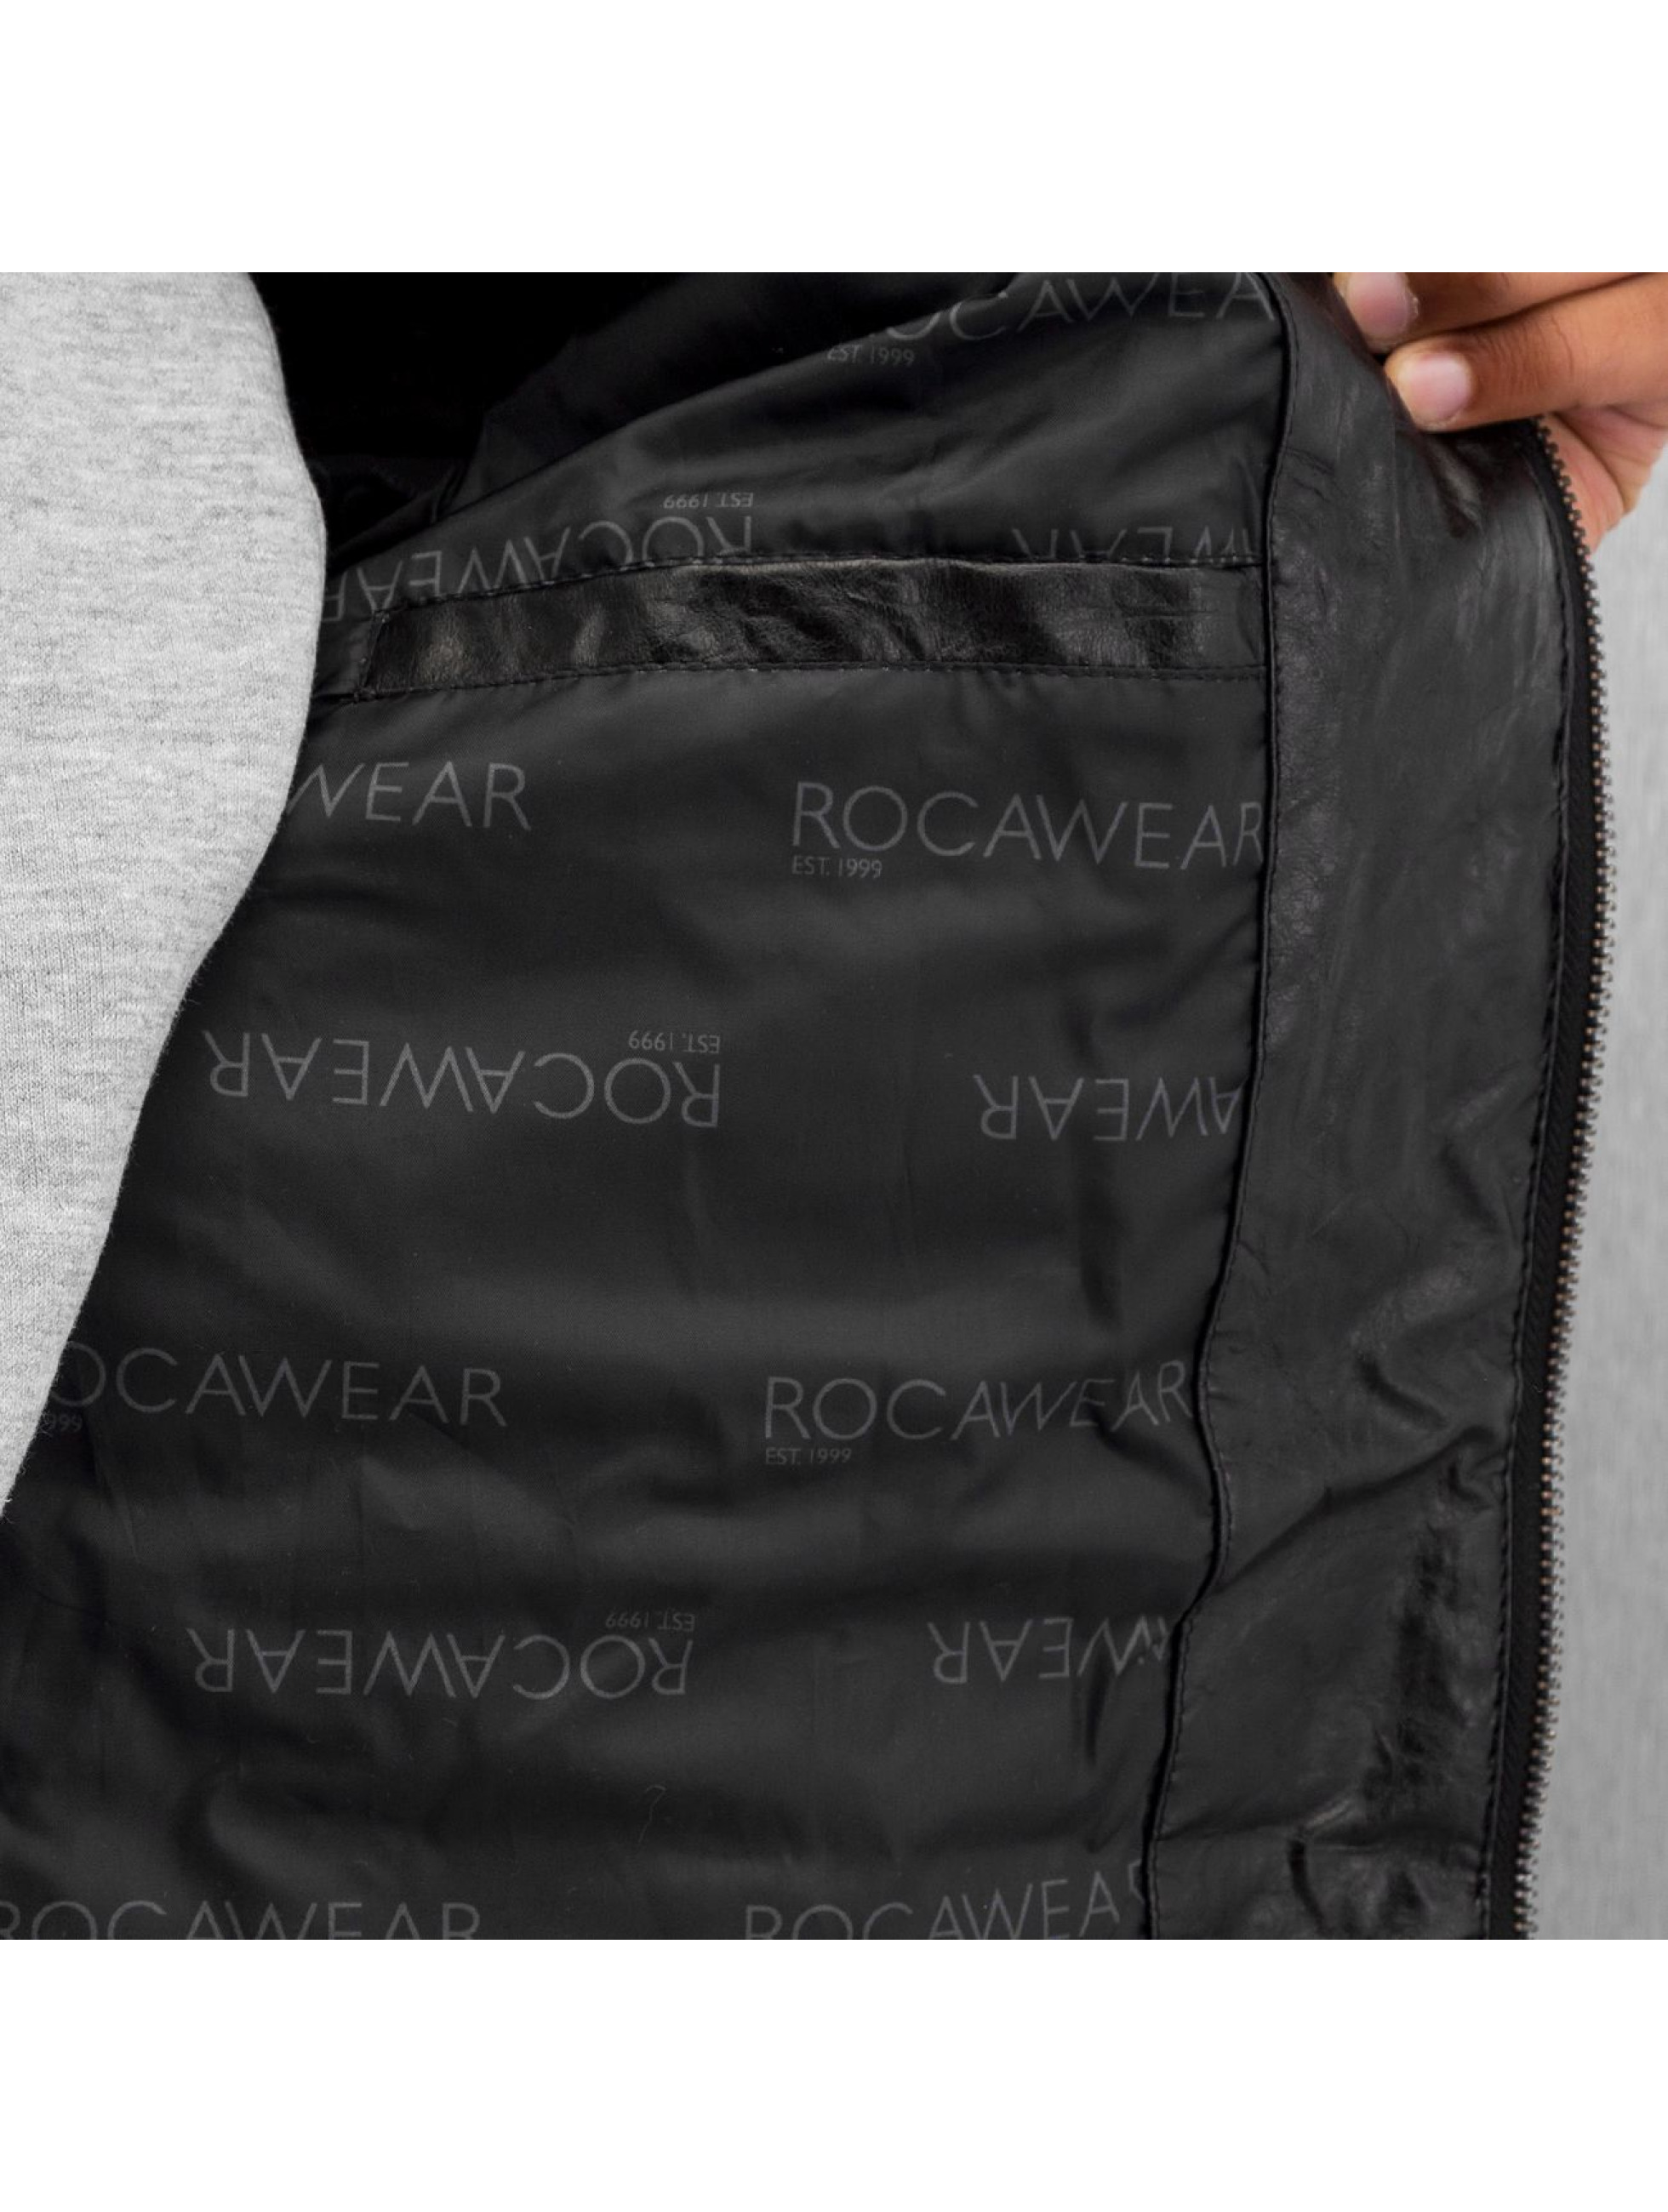 Rocawear Winterjacke Roc Quilt schwarz